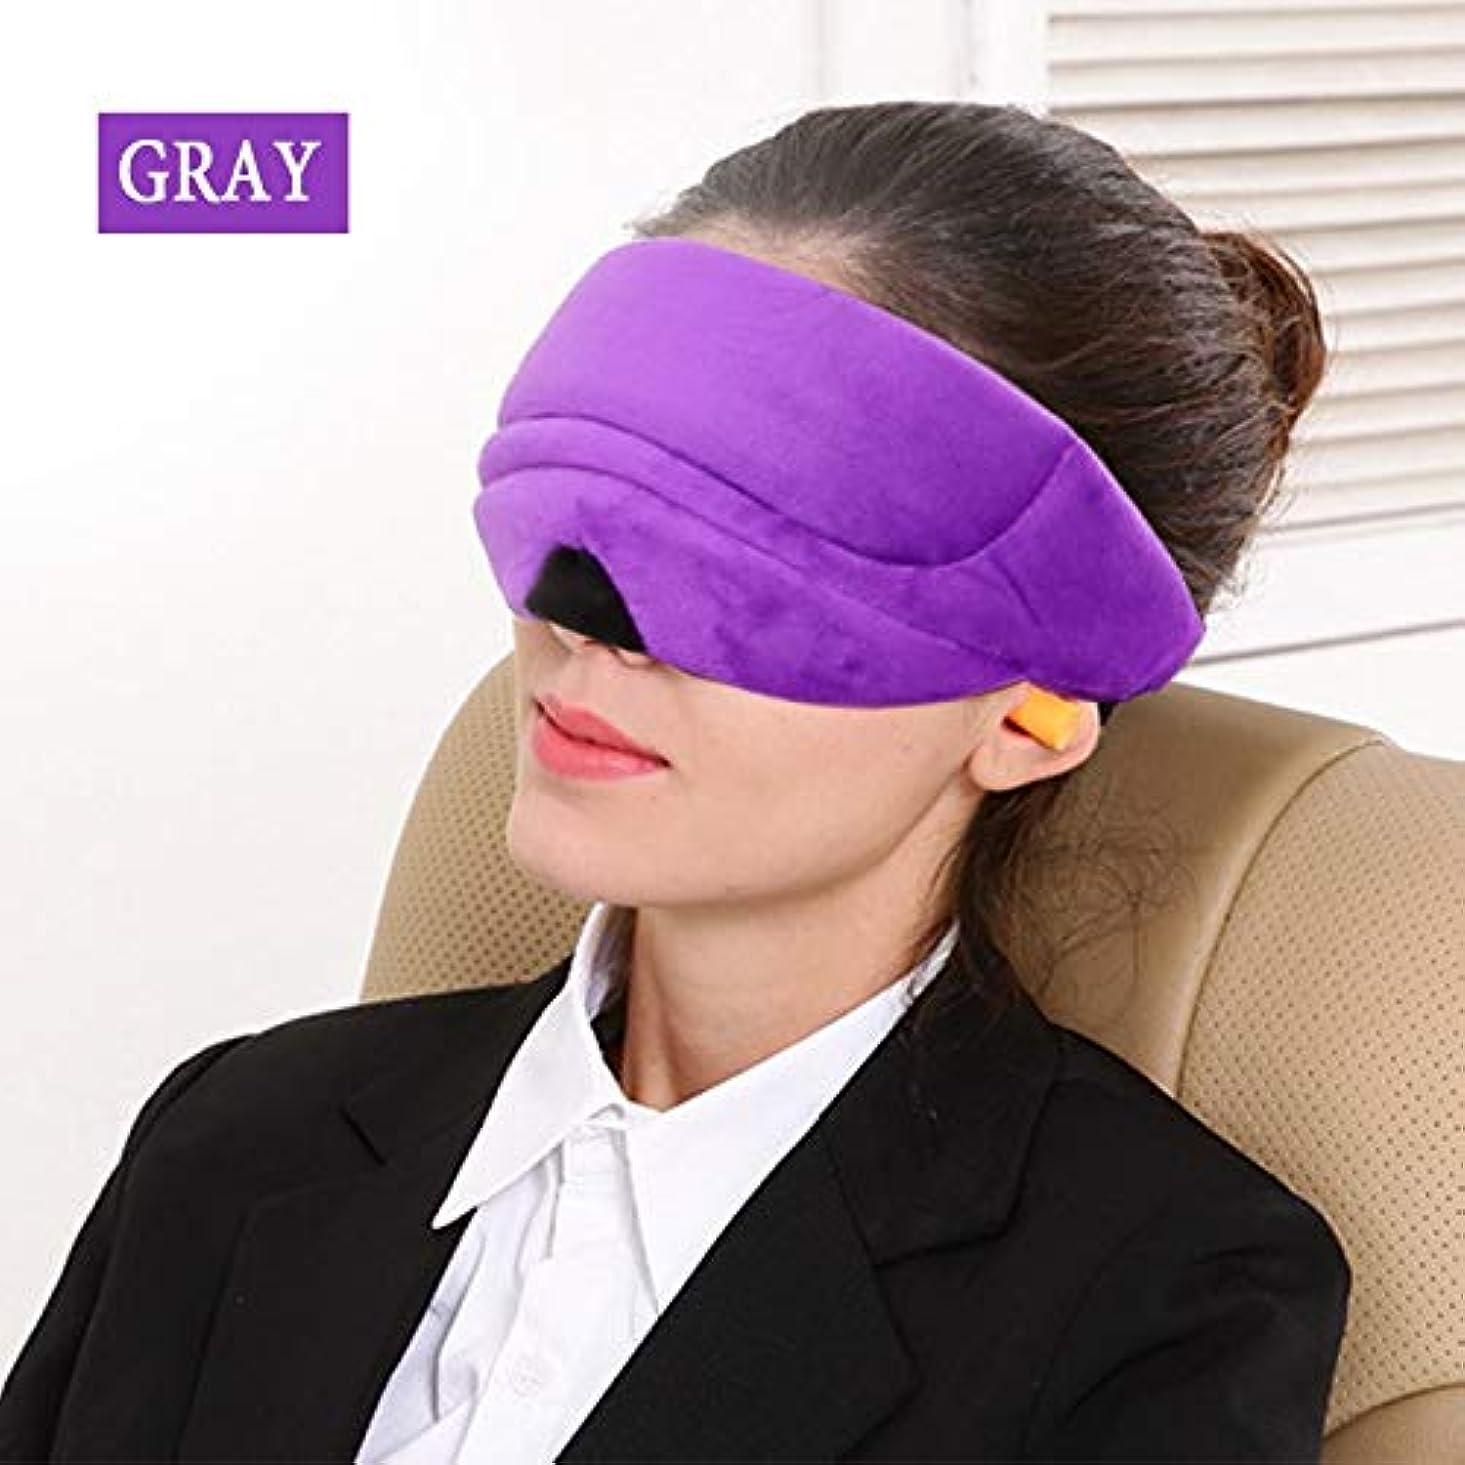 道変形する批判するNOTE 快適な3 d睡眠アイマスク目隠し付き耳旅行日陰睡眠補助カバーソフトポータブル女性男性アイパッチ